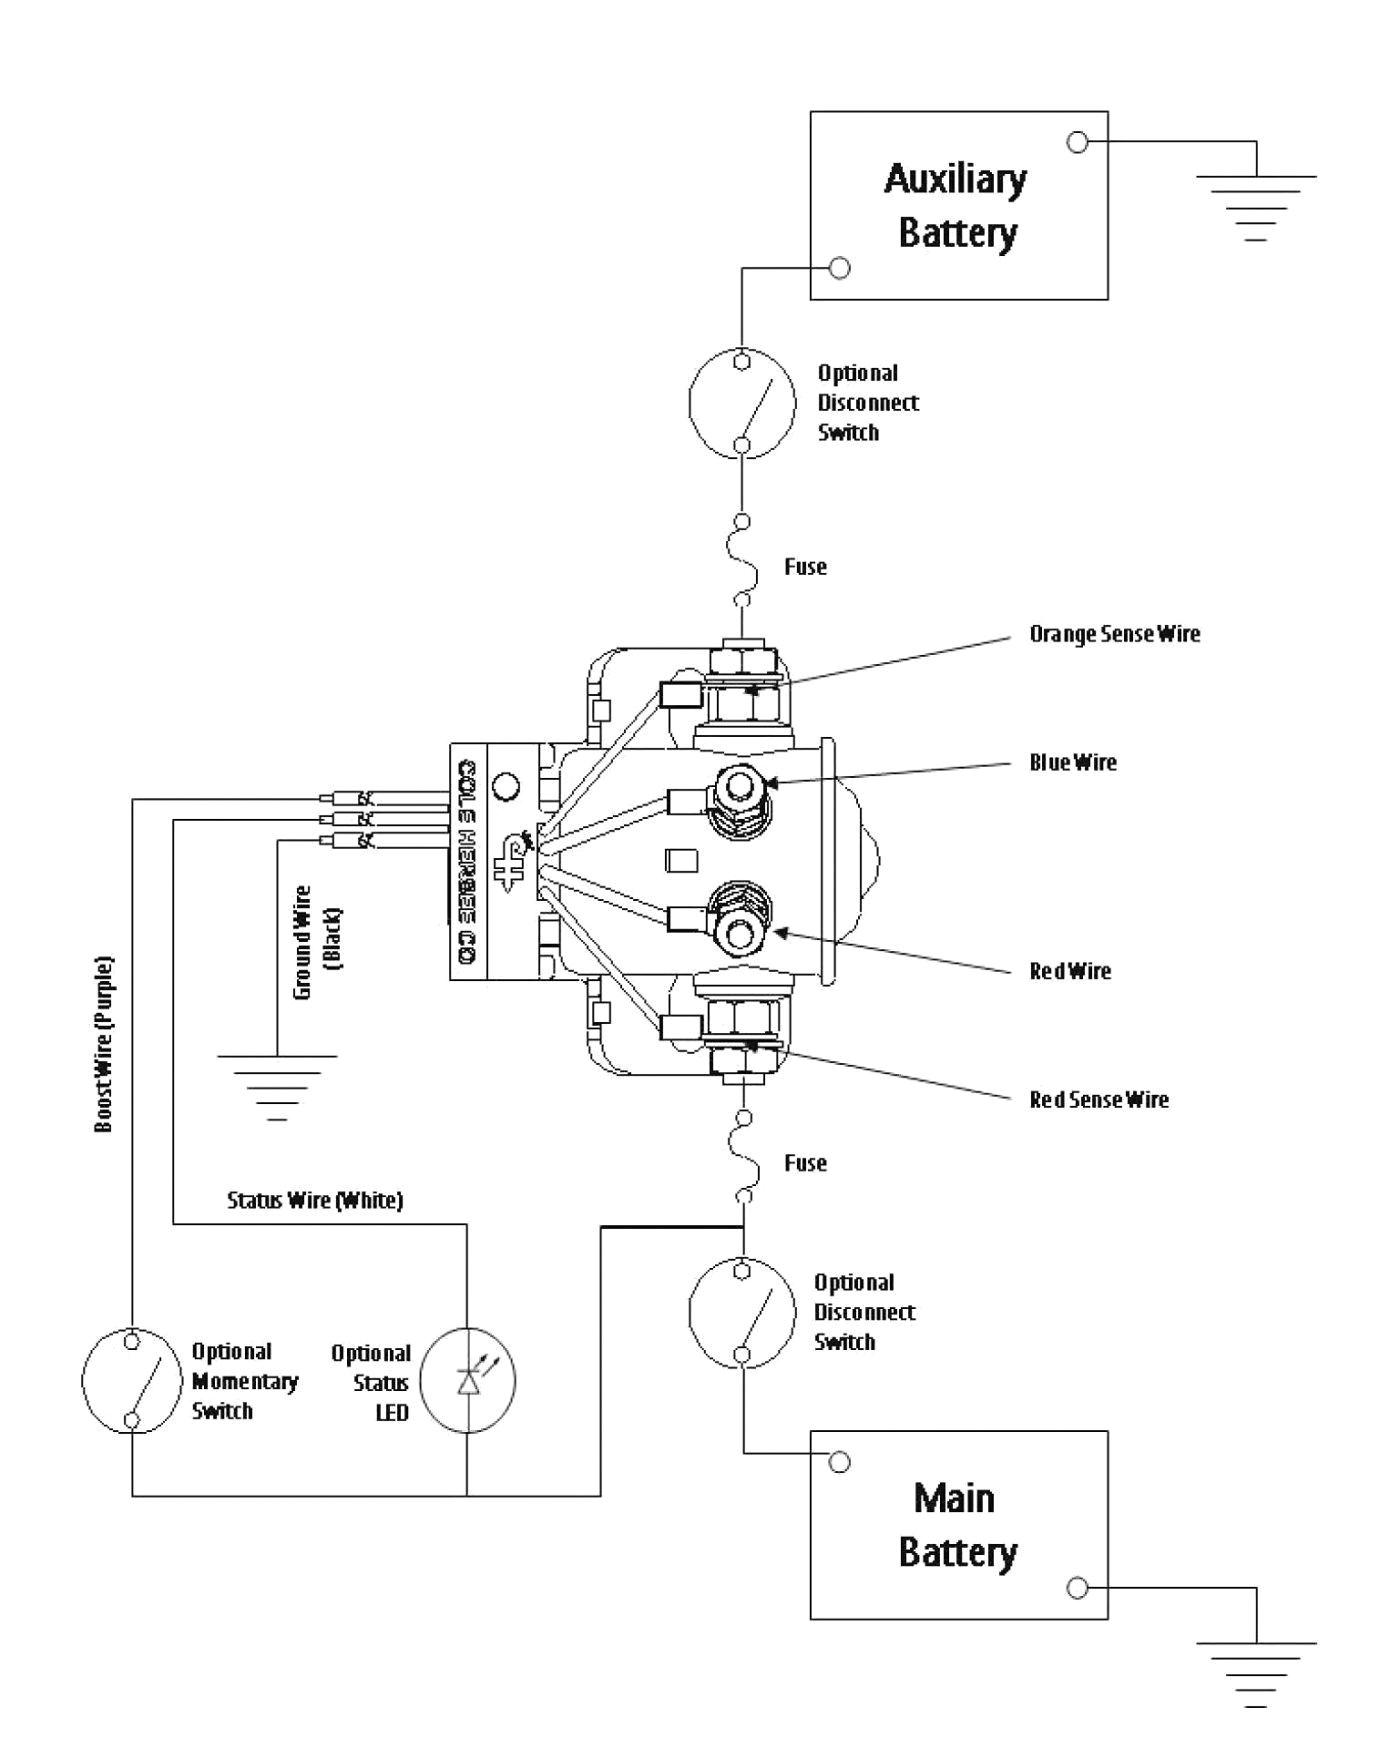 480v 3 Phase Motor Wiring Diagram 480v 3 Phase Motor Wiring Diagram Elegant Three Phase Disconnect